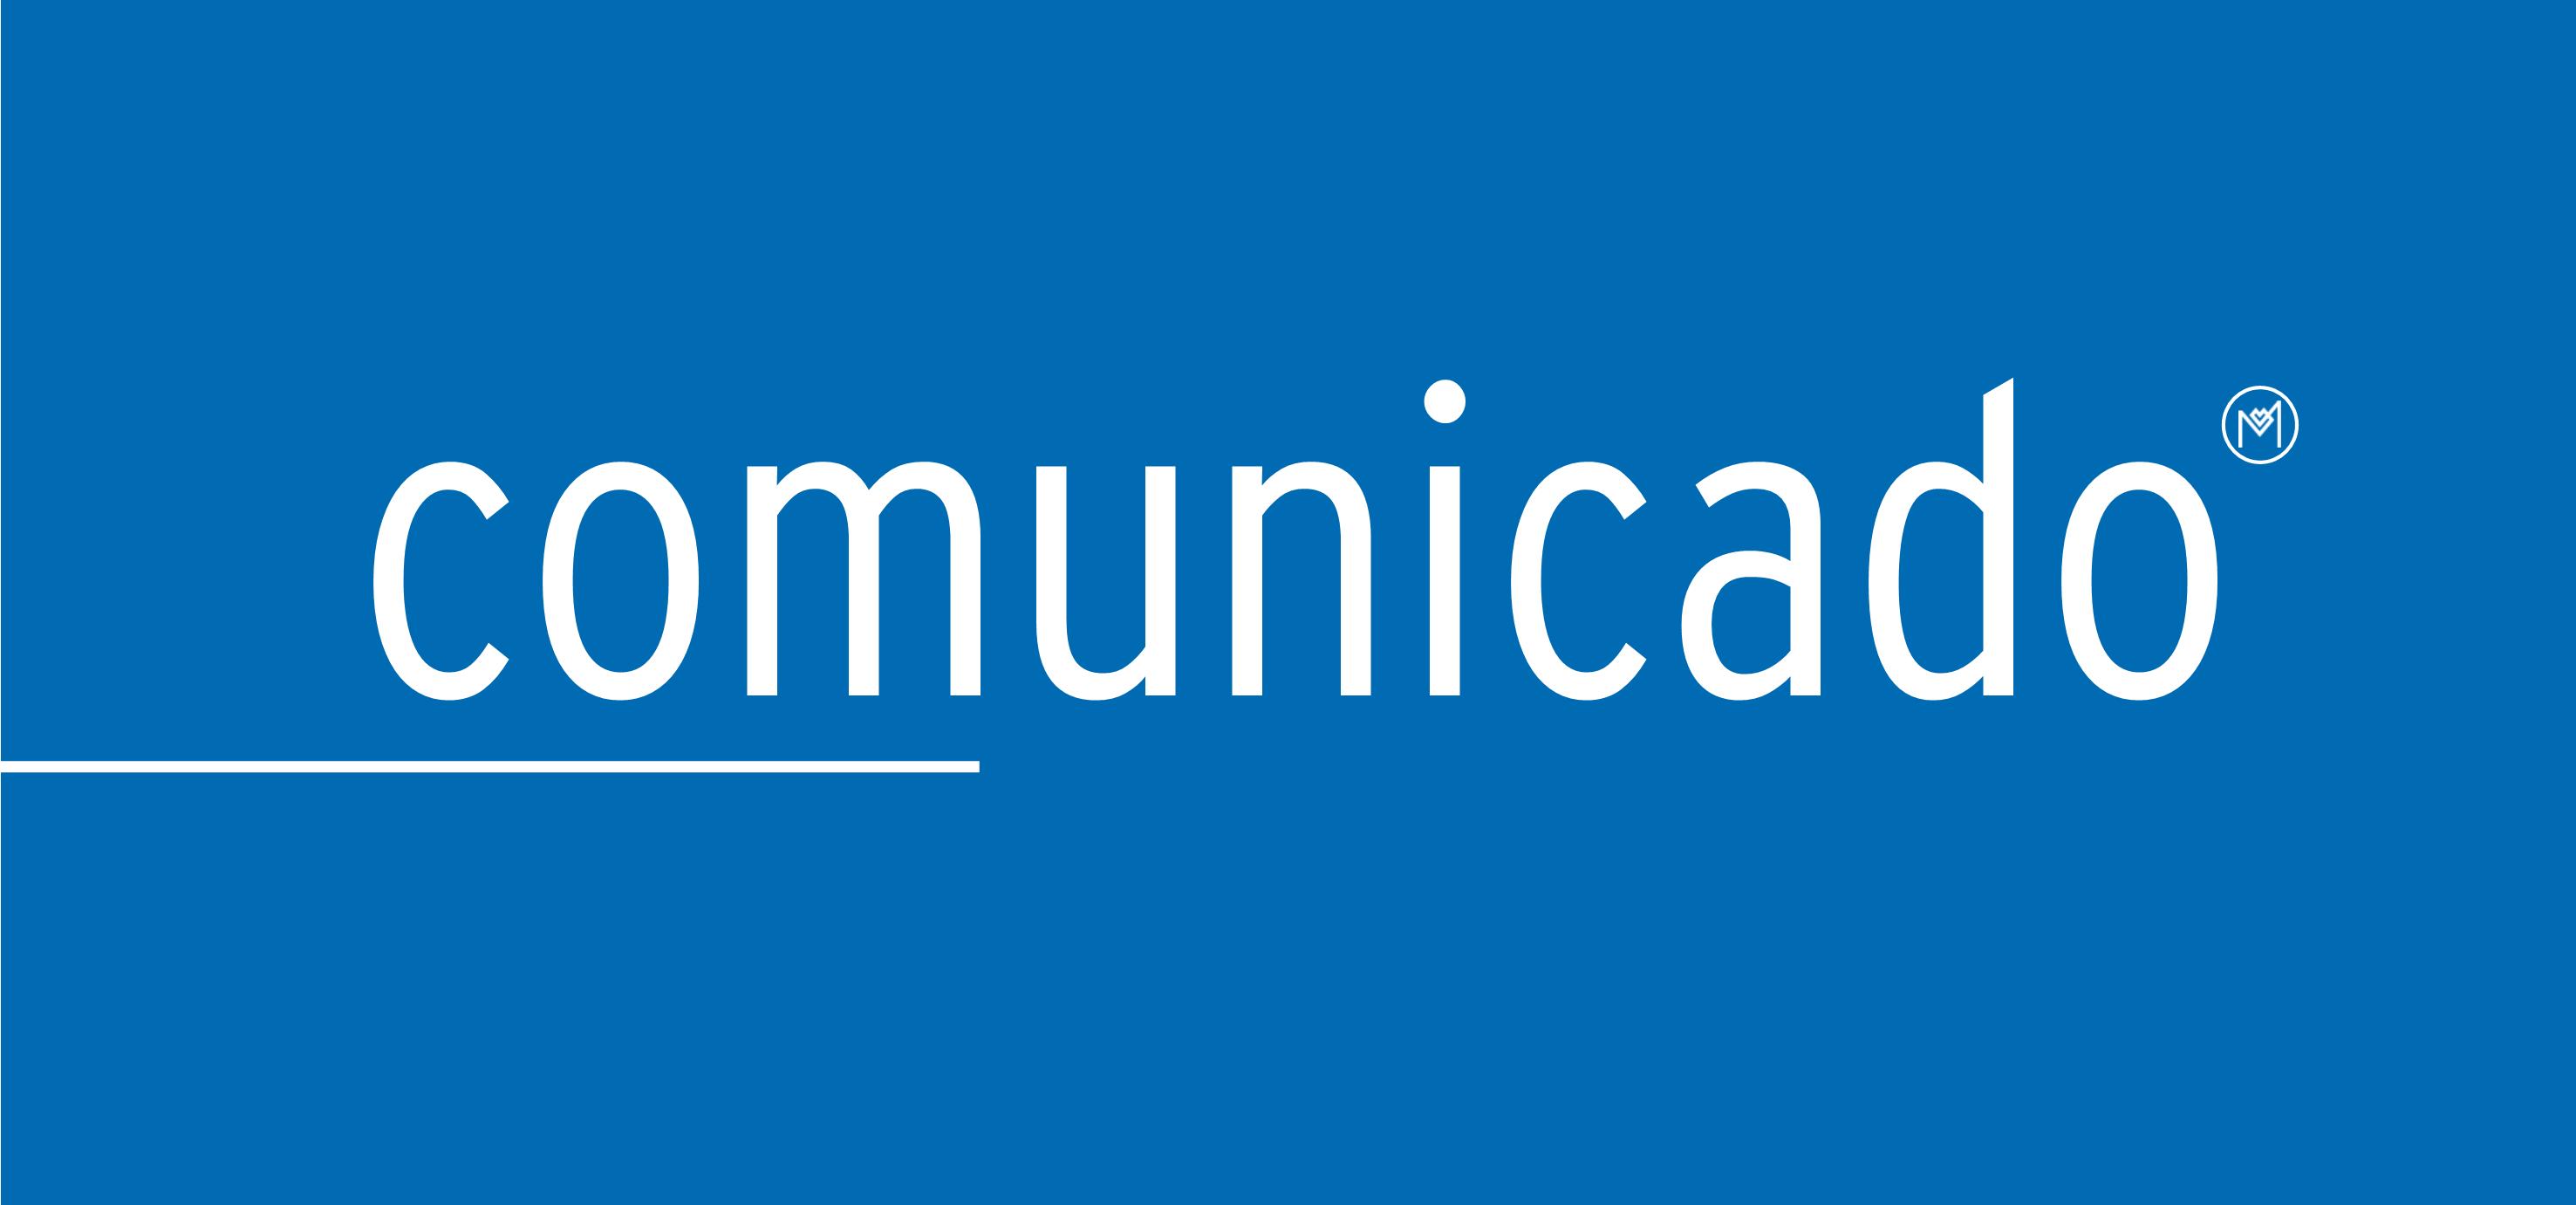 https://www.scmp.pt/assets/misc/img/noticias/2018/2018%2006%2001%20Comunicado/Comunicado%20MP.png